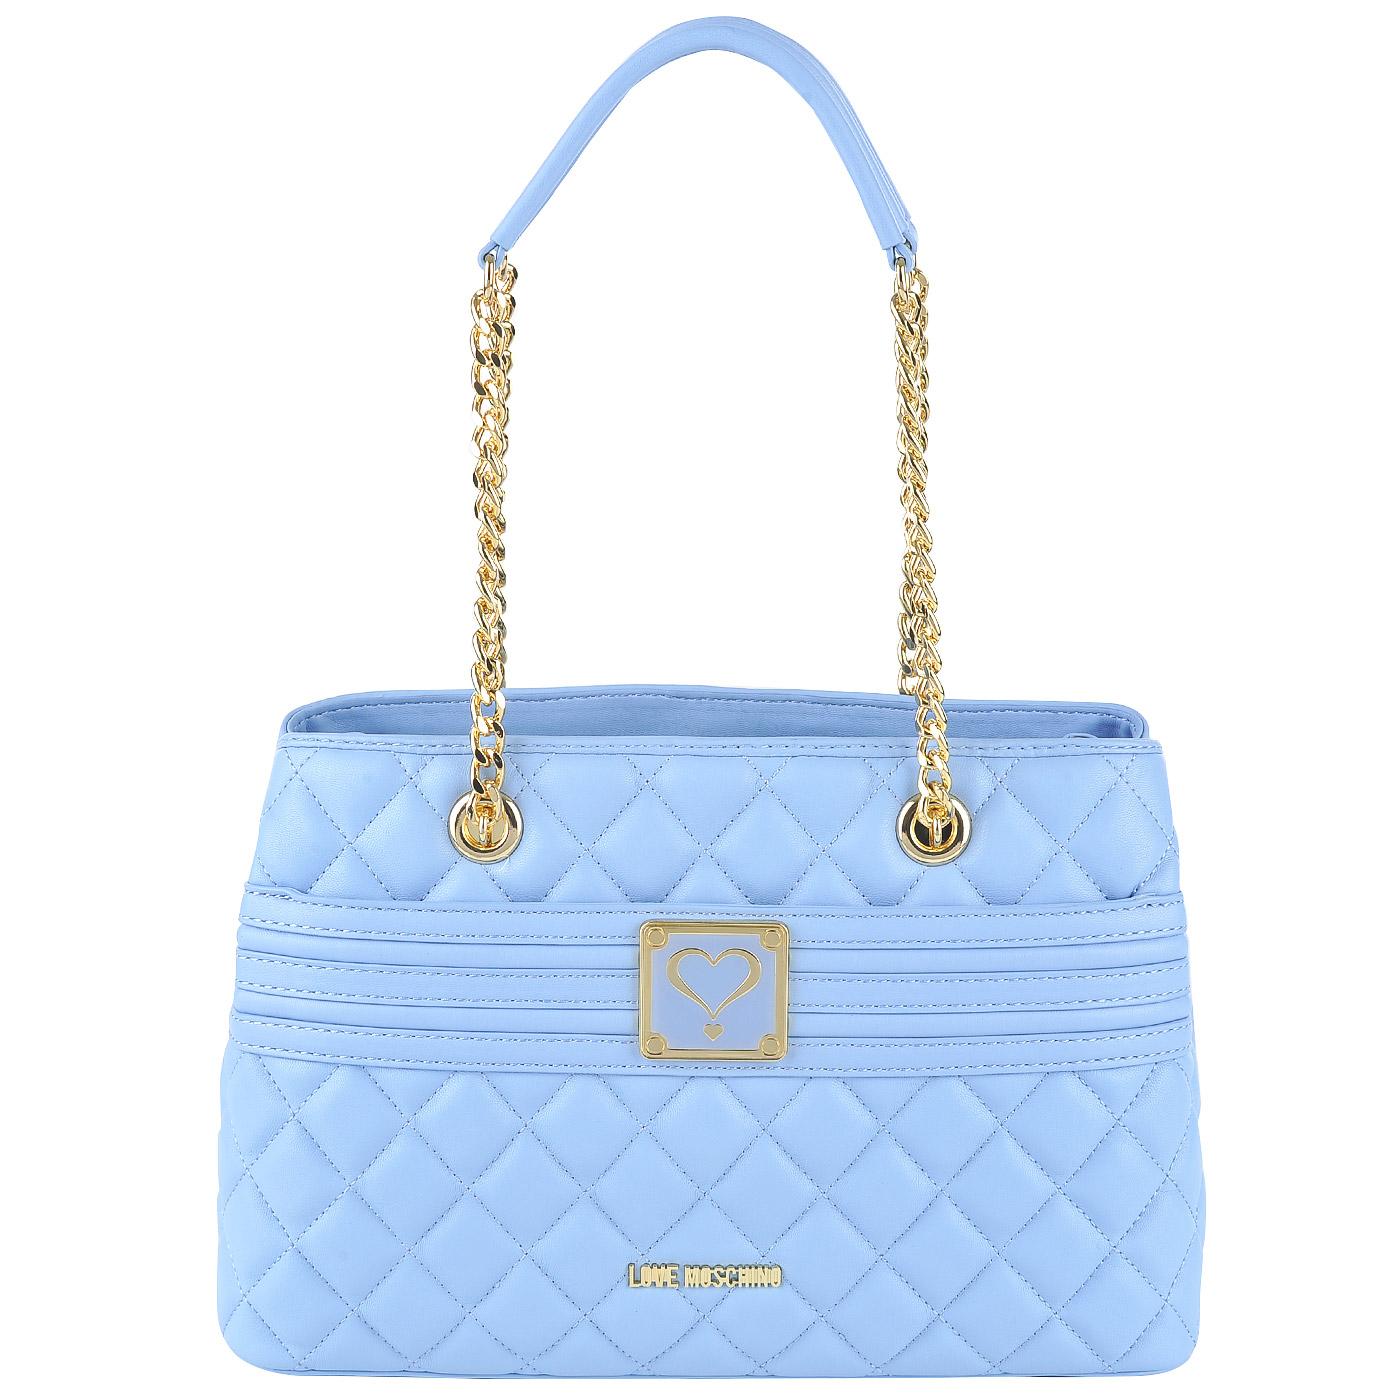 e1dee5acc1d4 Женская сумка Love Moschino Super Quilted Женская сумка Love Moschino Super  Quilted ...